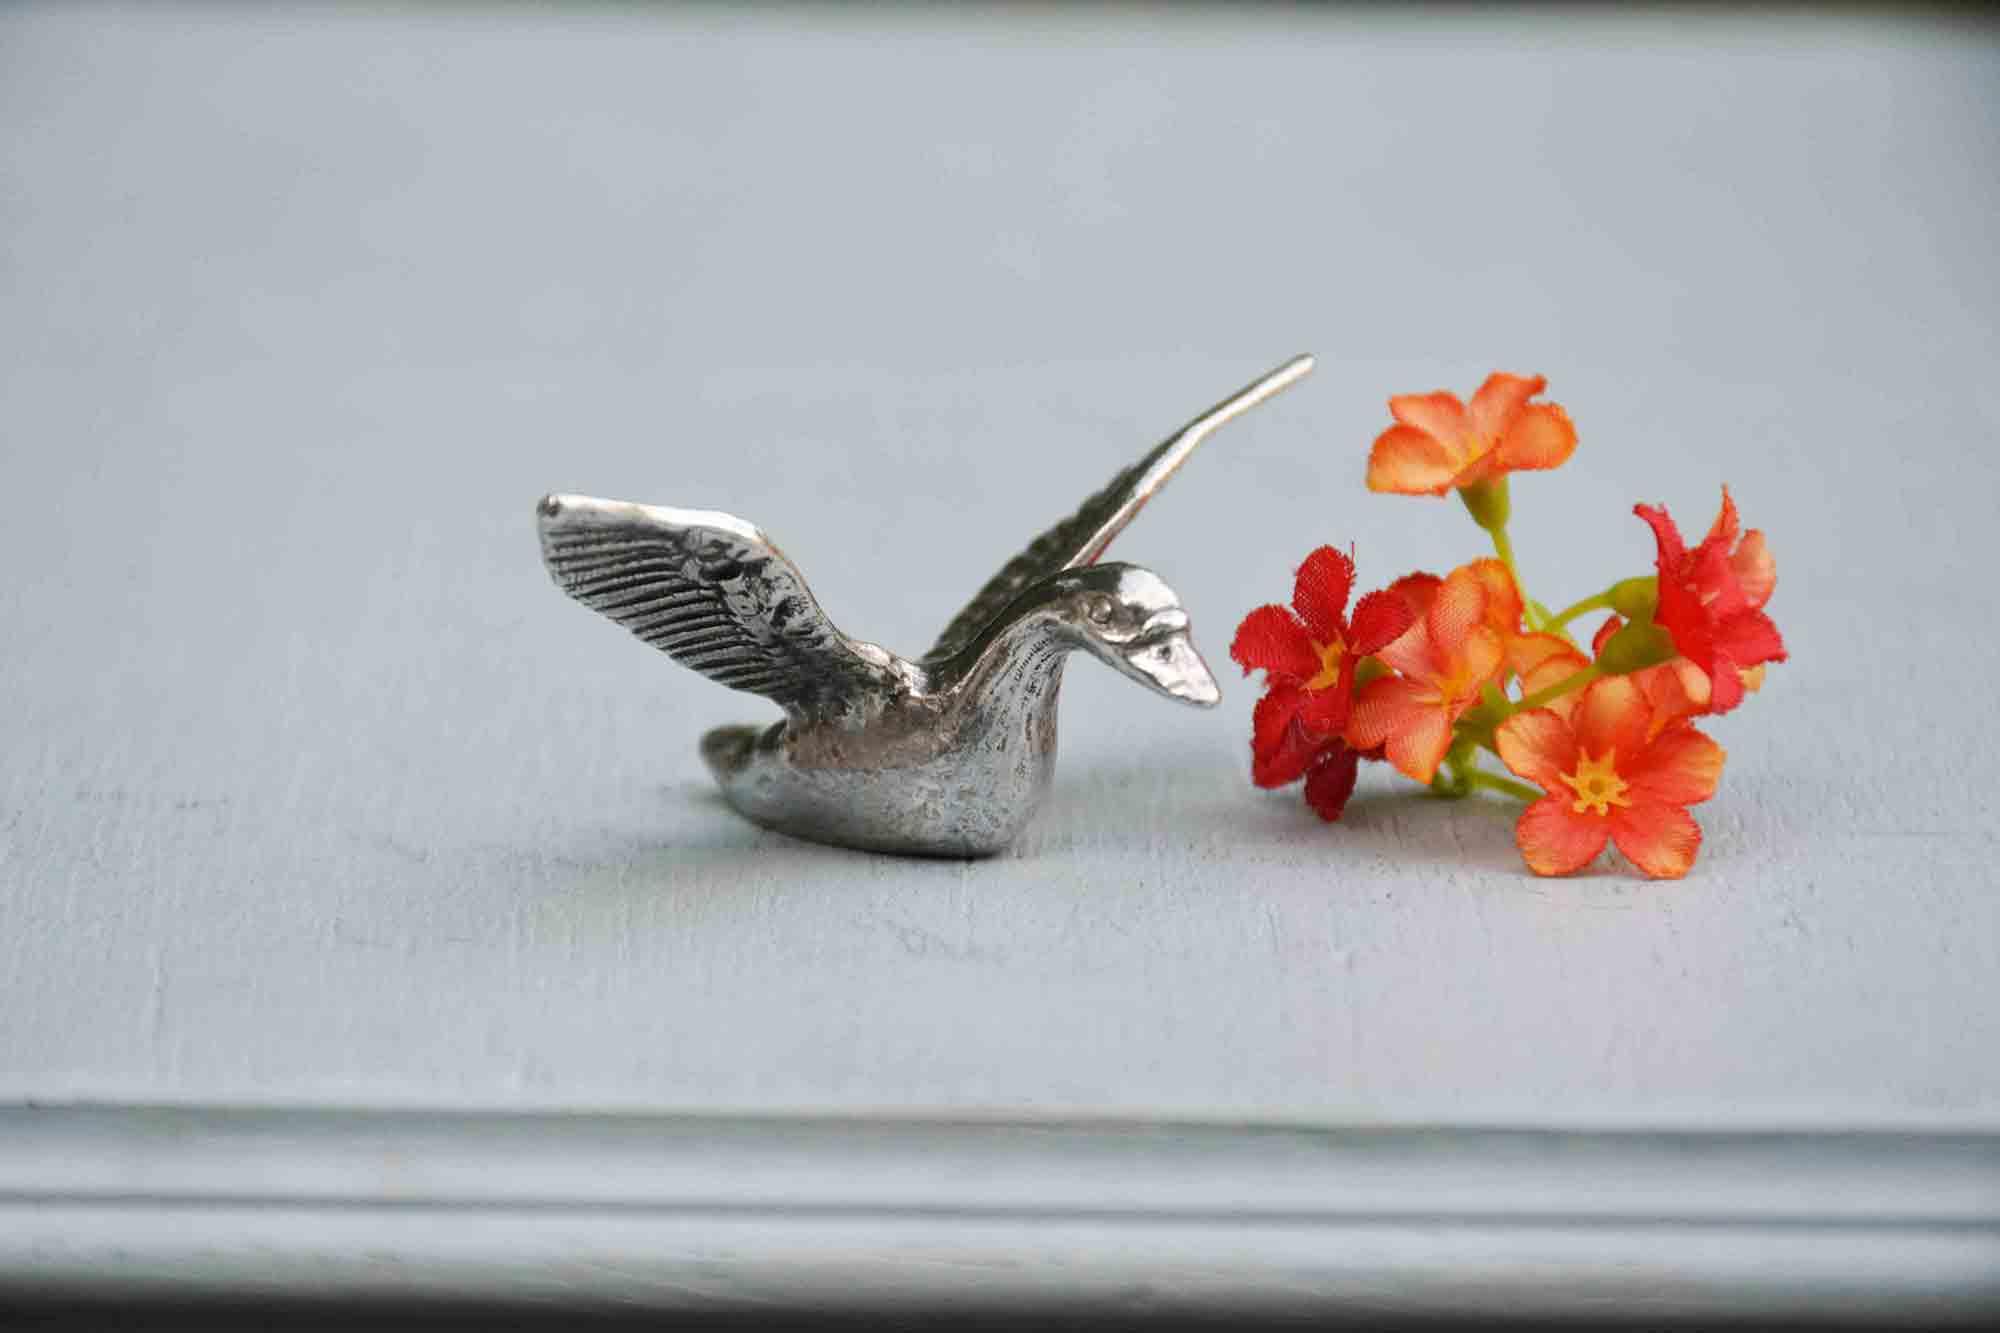 cadeau canard noces d'étain, 10 ans de mariage, canard étain aspect argent